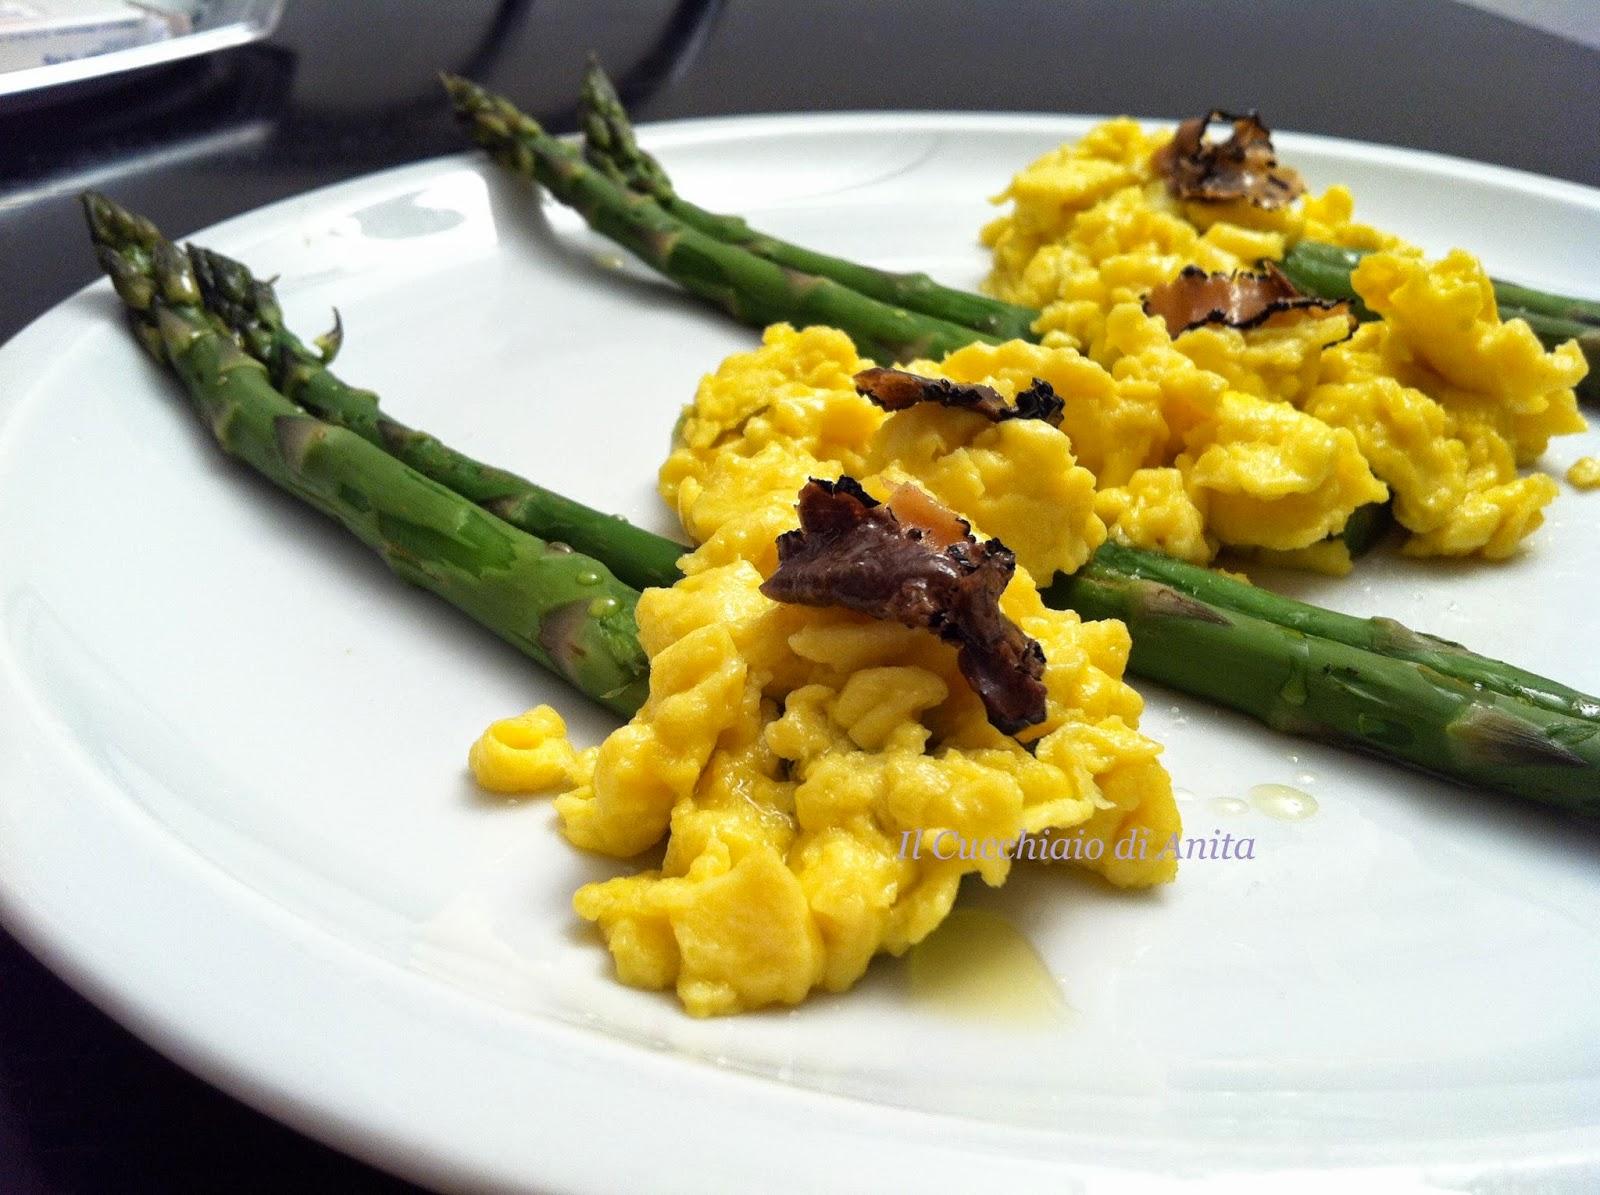 uova strapazzate alla francese con asparagi e tartufo